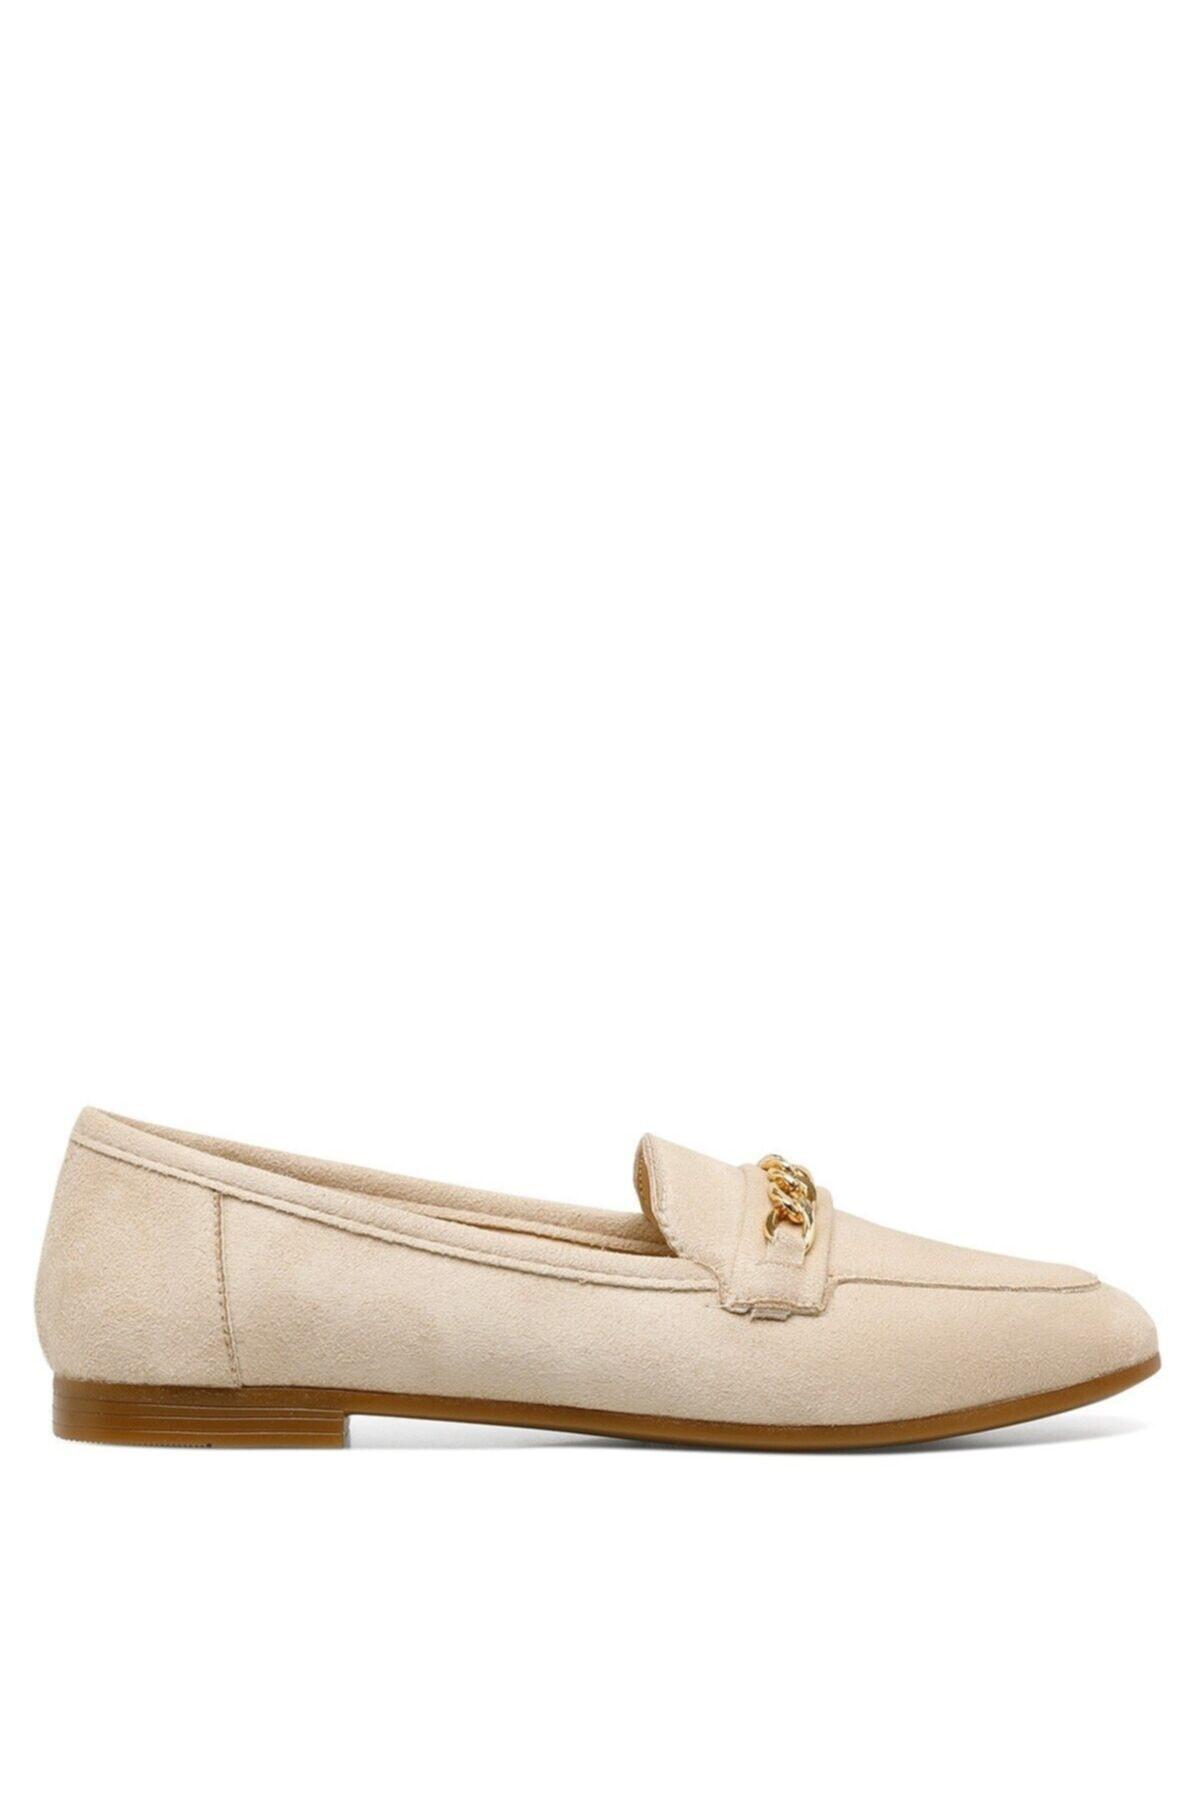 GRENA.Z 1FX Bej Kadın Loafer Ayakkabı 101041710